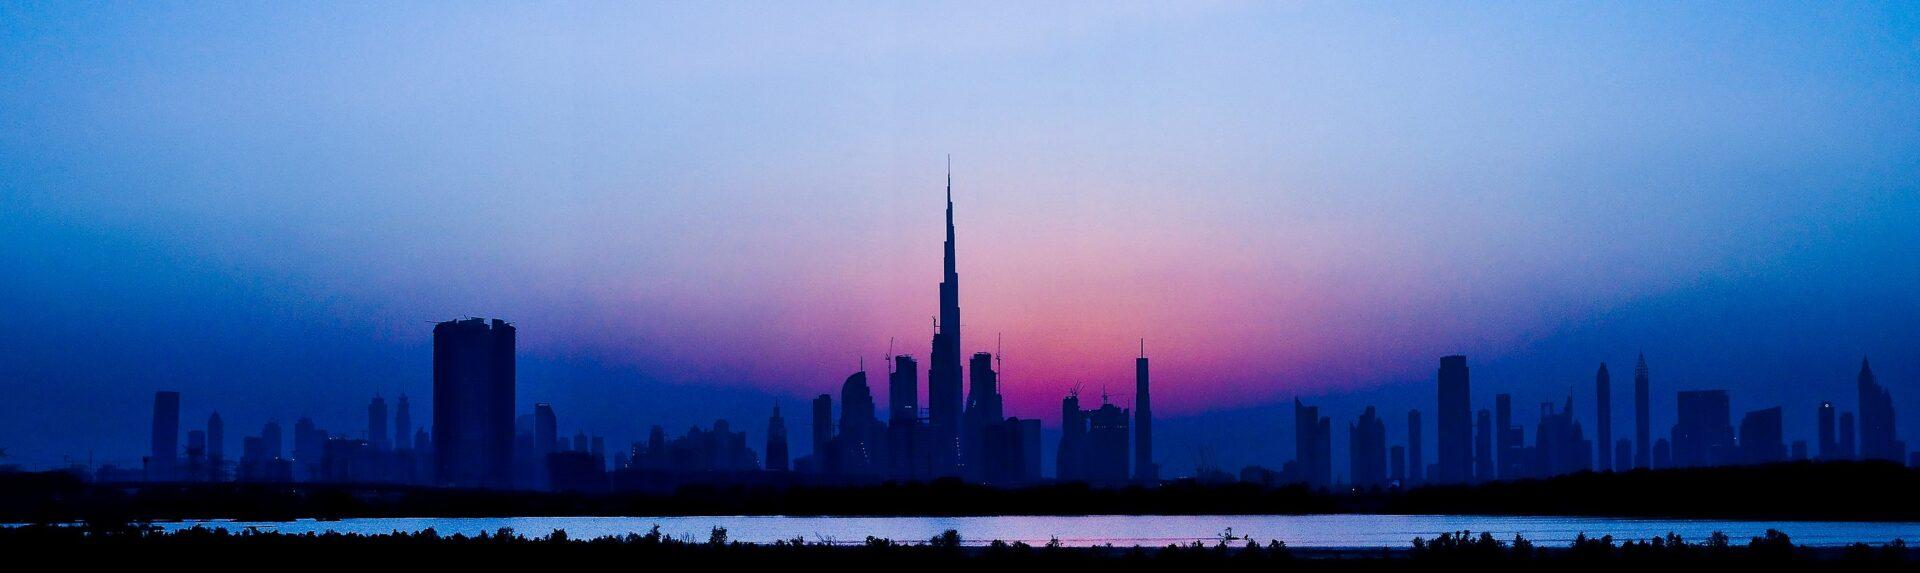 30 ciekawostek o Burj Khalifa Dubaj